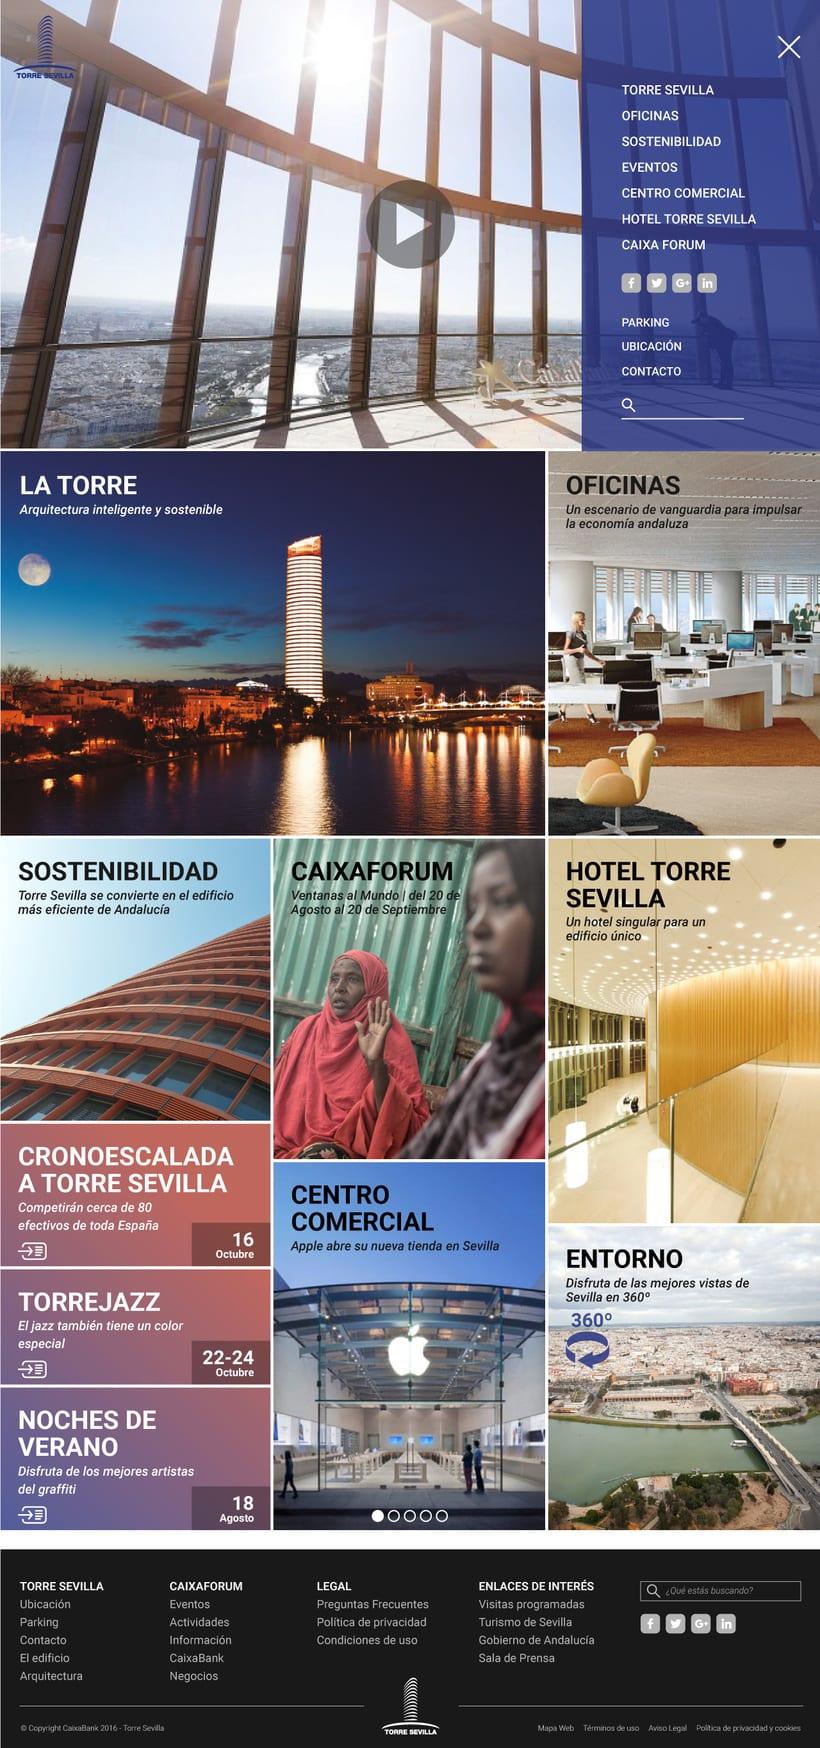 Proyecto presentado a Caixabank para el site de Torre Sevilla 3